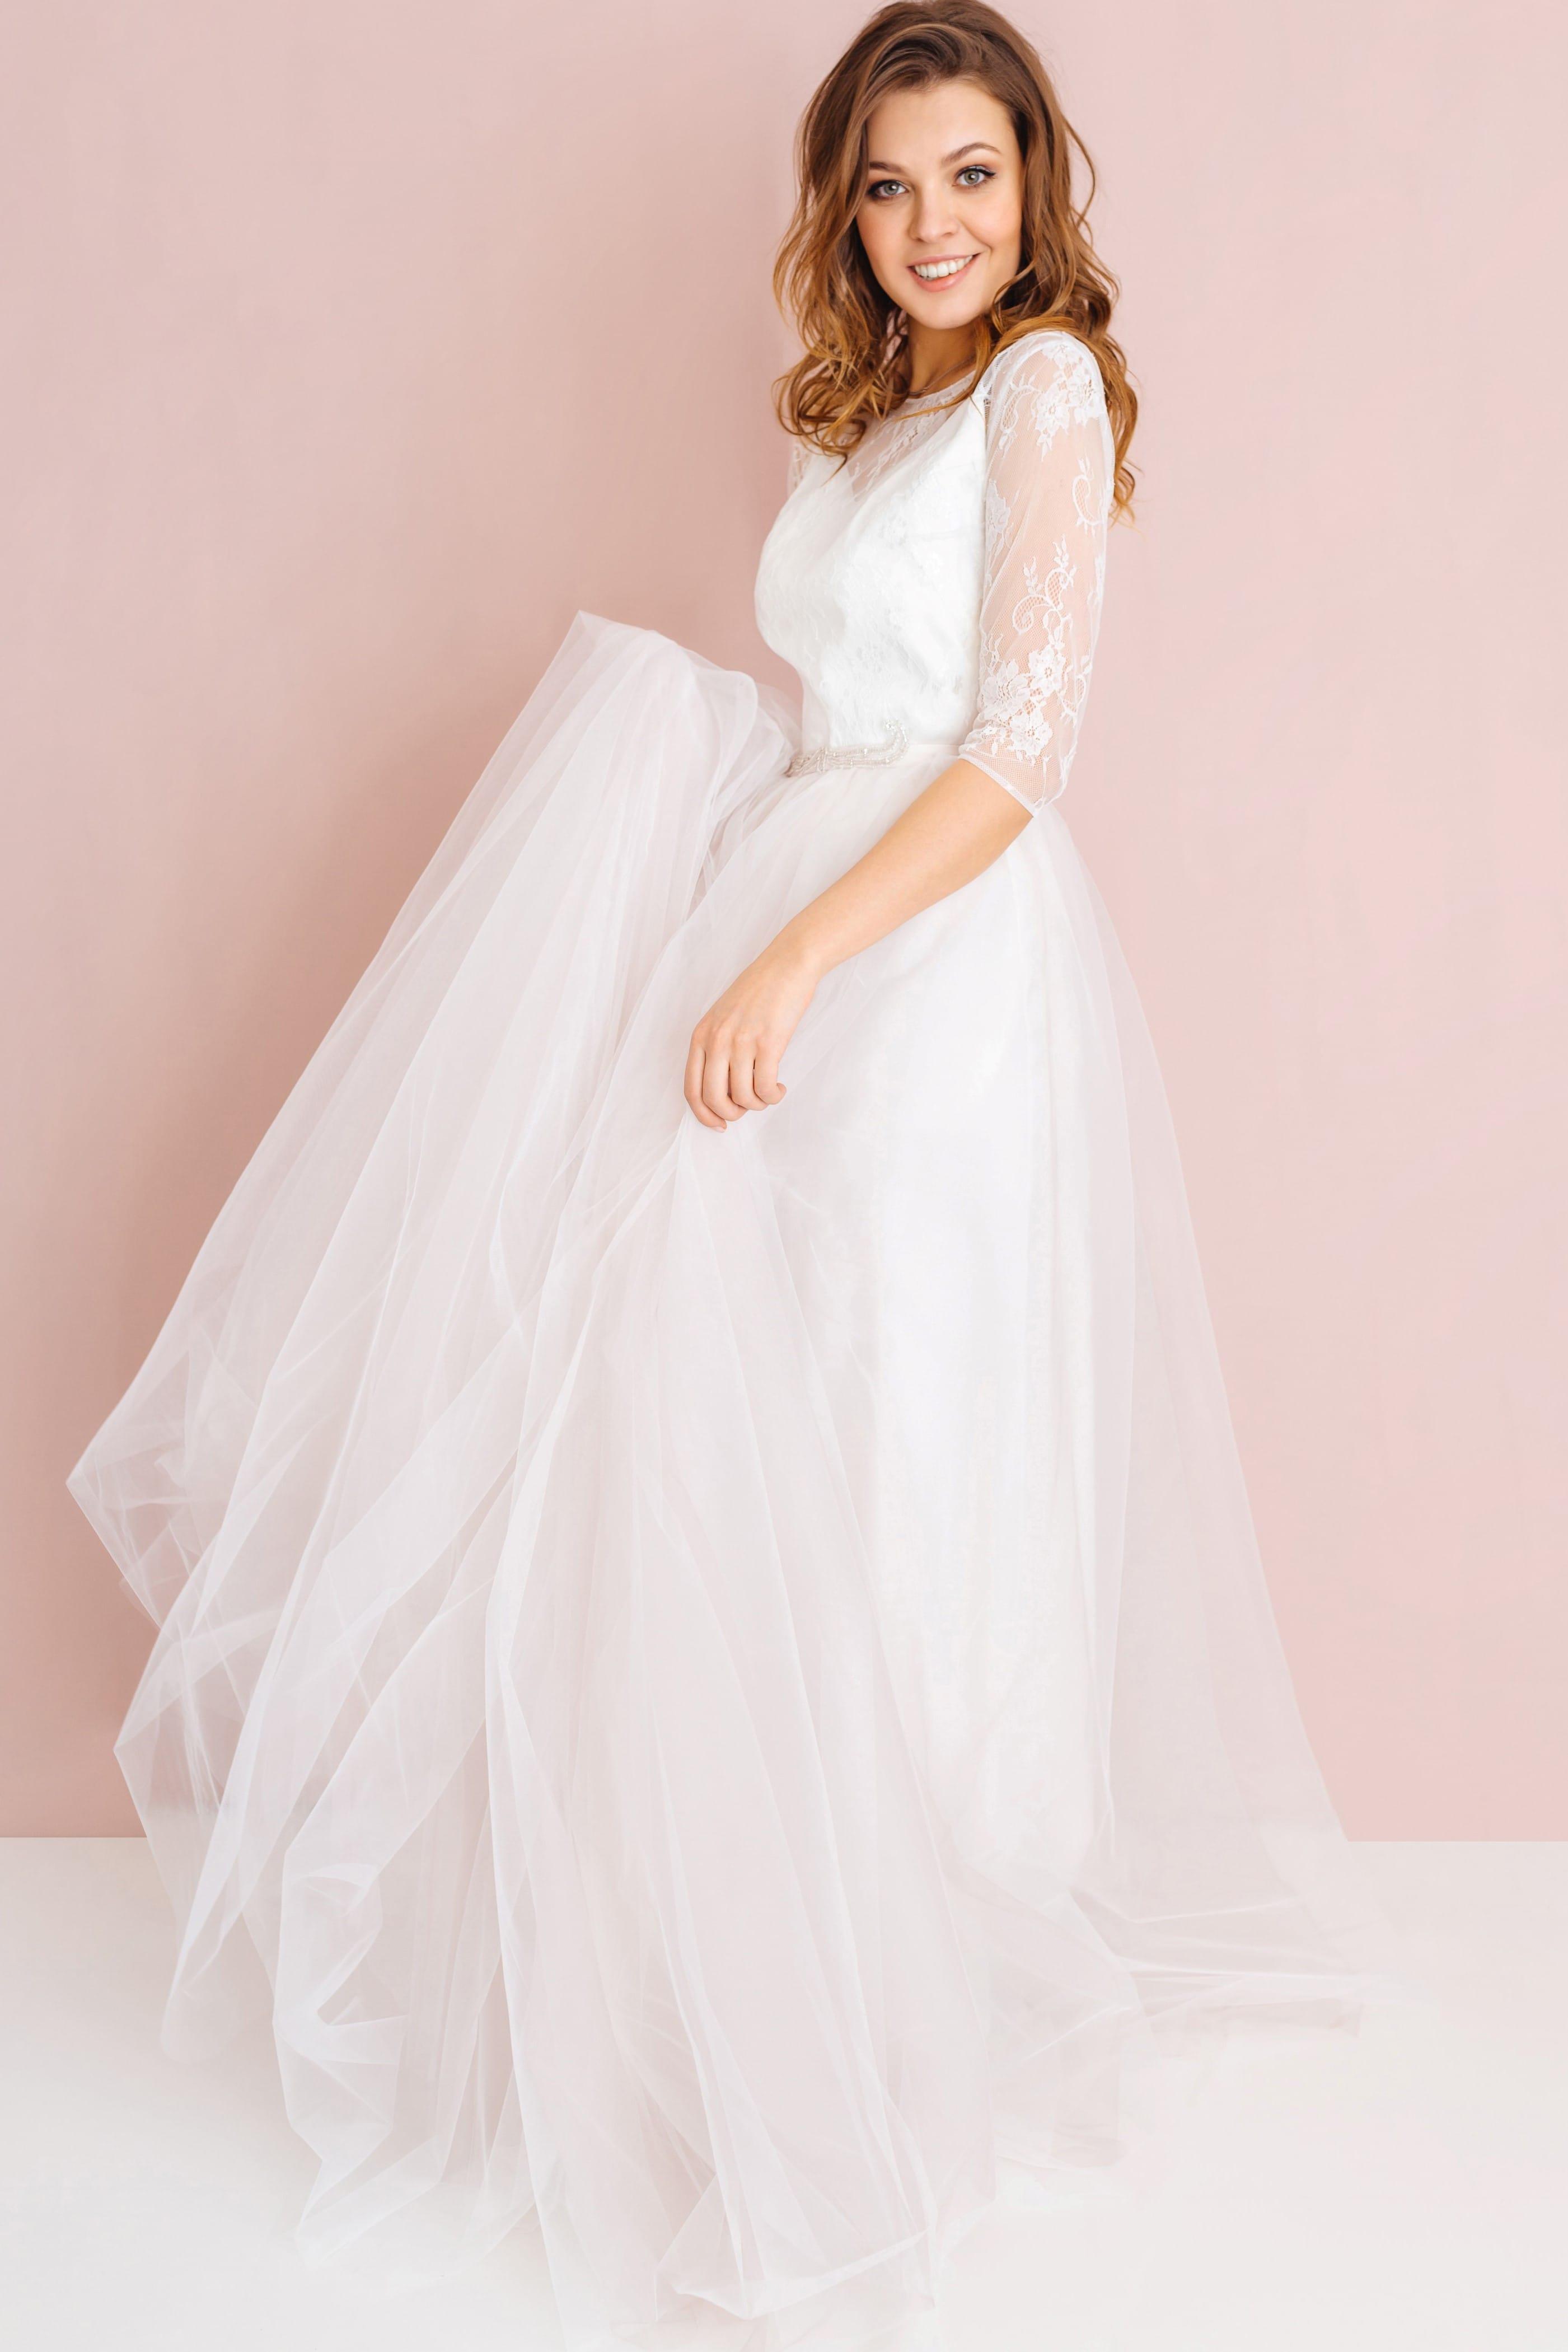 Свадебное платье AMANDA, коллекция LOFT, бренд RARE BRIDAL, фото 2